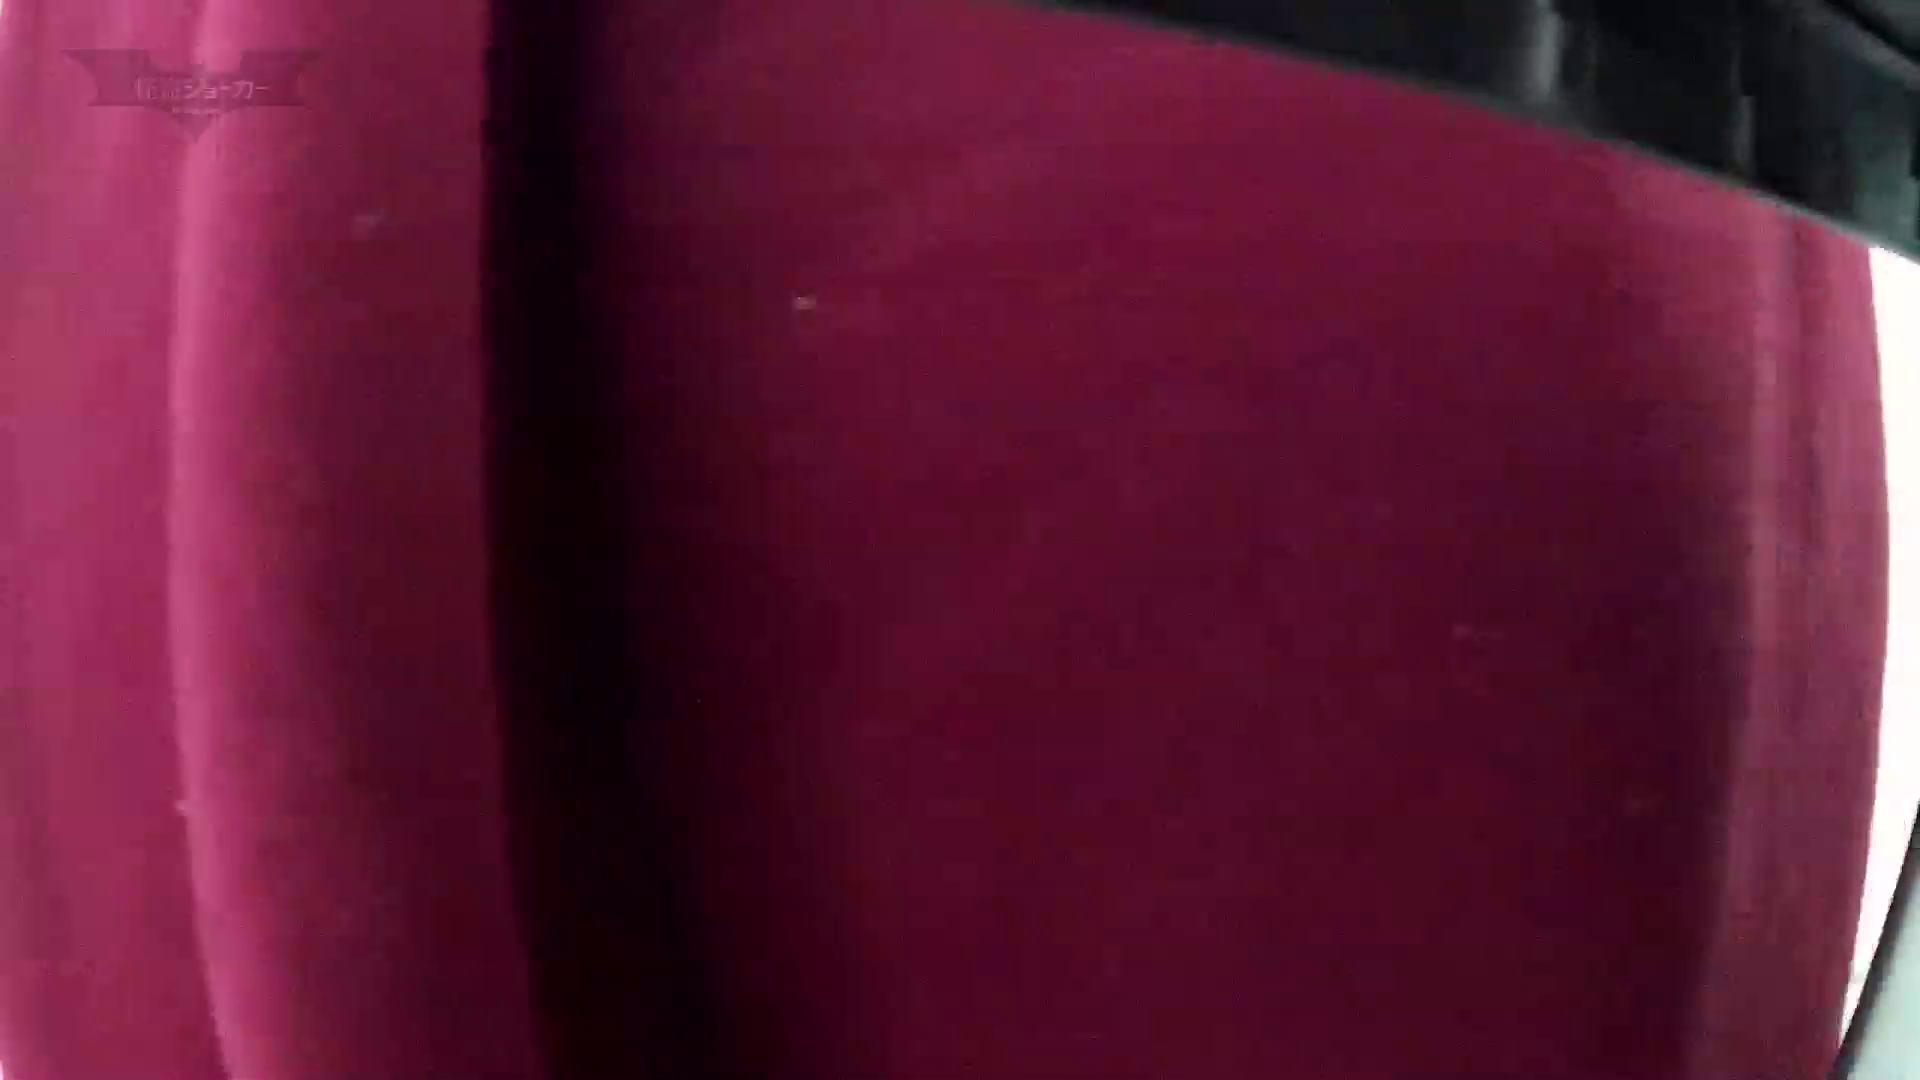 有名大学女性洗面所 vol.58 アンダーヘアーも冬支度? 洗面所 盗撮エロ画像 91pic 44